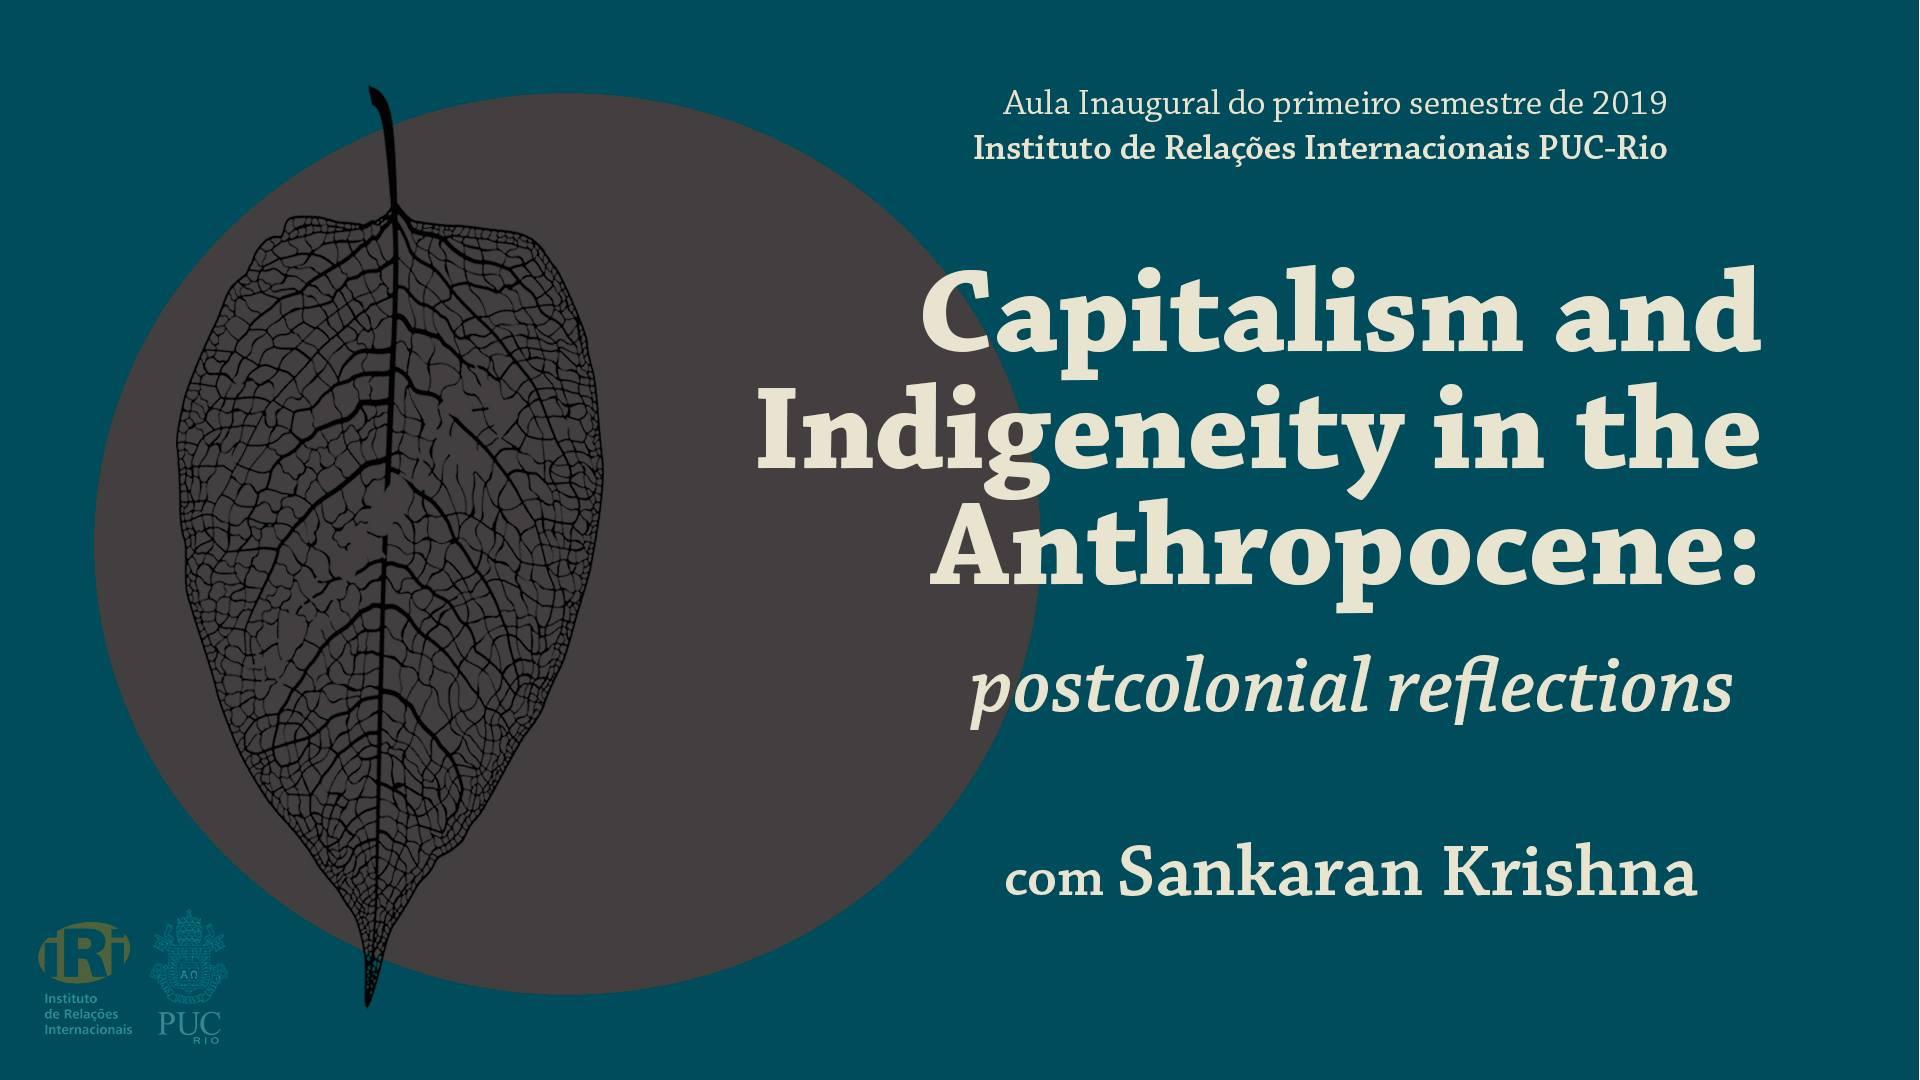 Capitalismo, indigeneidade e crise do antropoceno: uma reflexão pós colonial